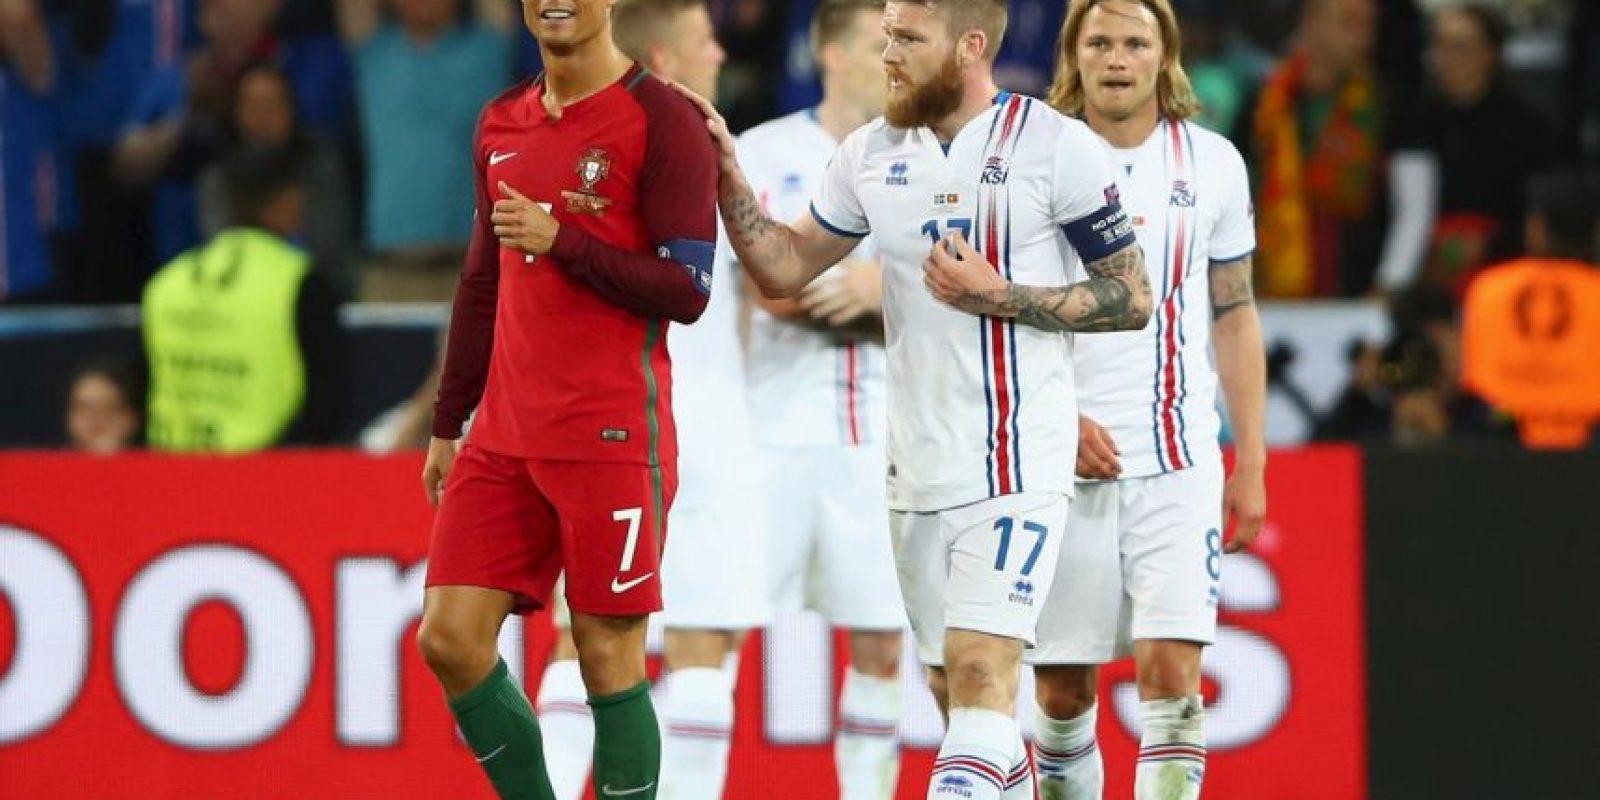 Cristiano Ronaldo poco pudo hacer para ayudar a Portugal a vencer a Islandia Foto:Getty Images